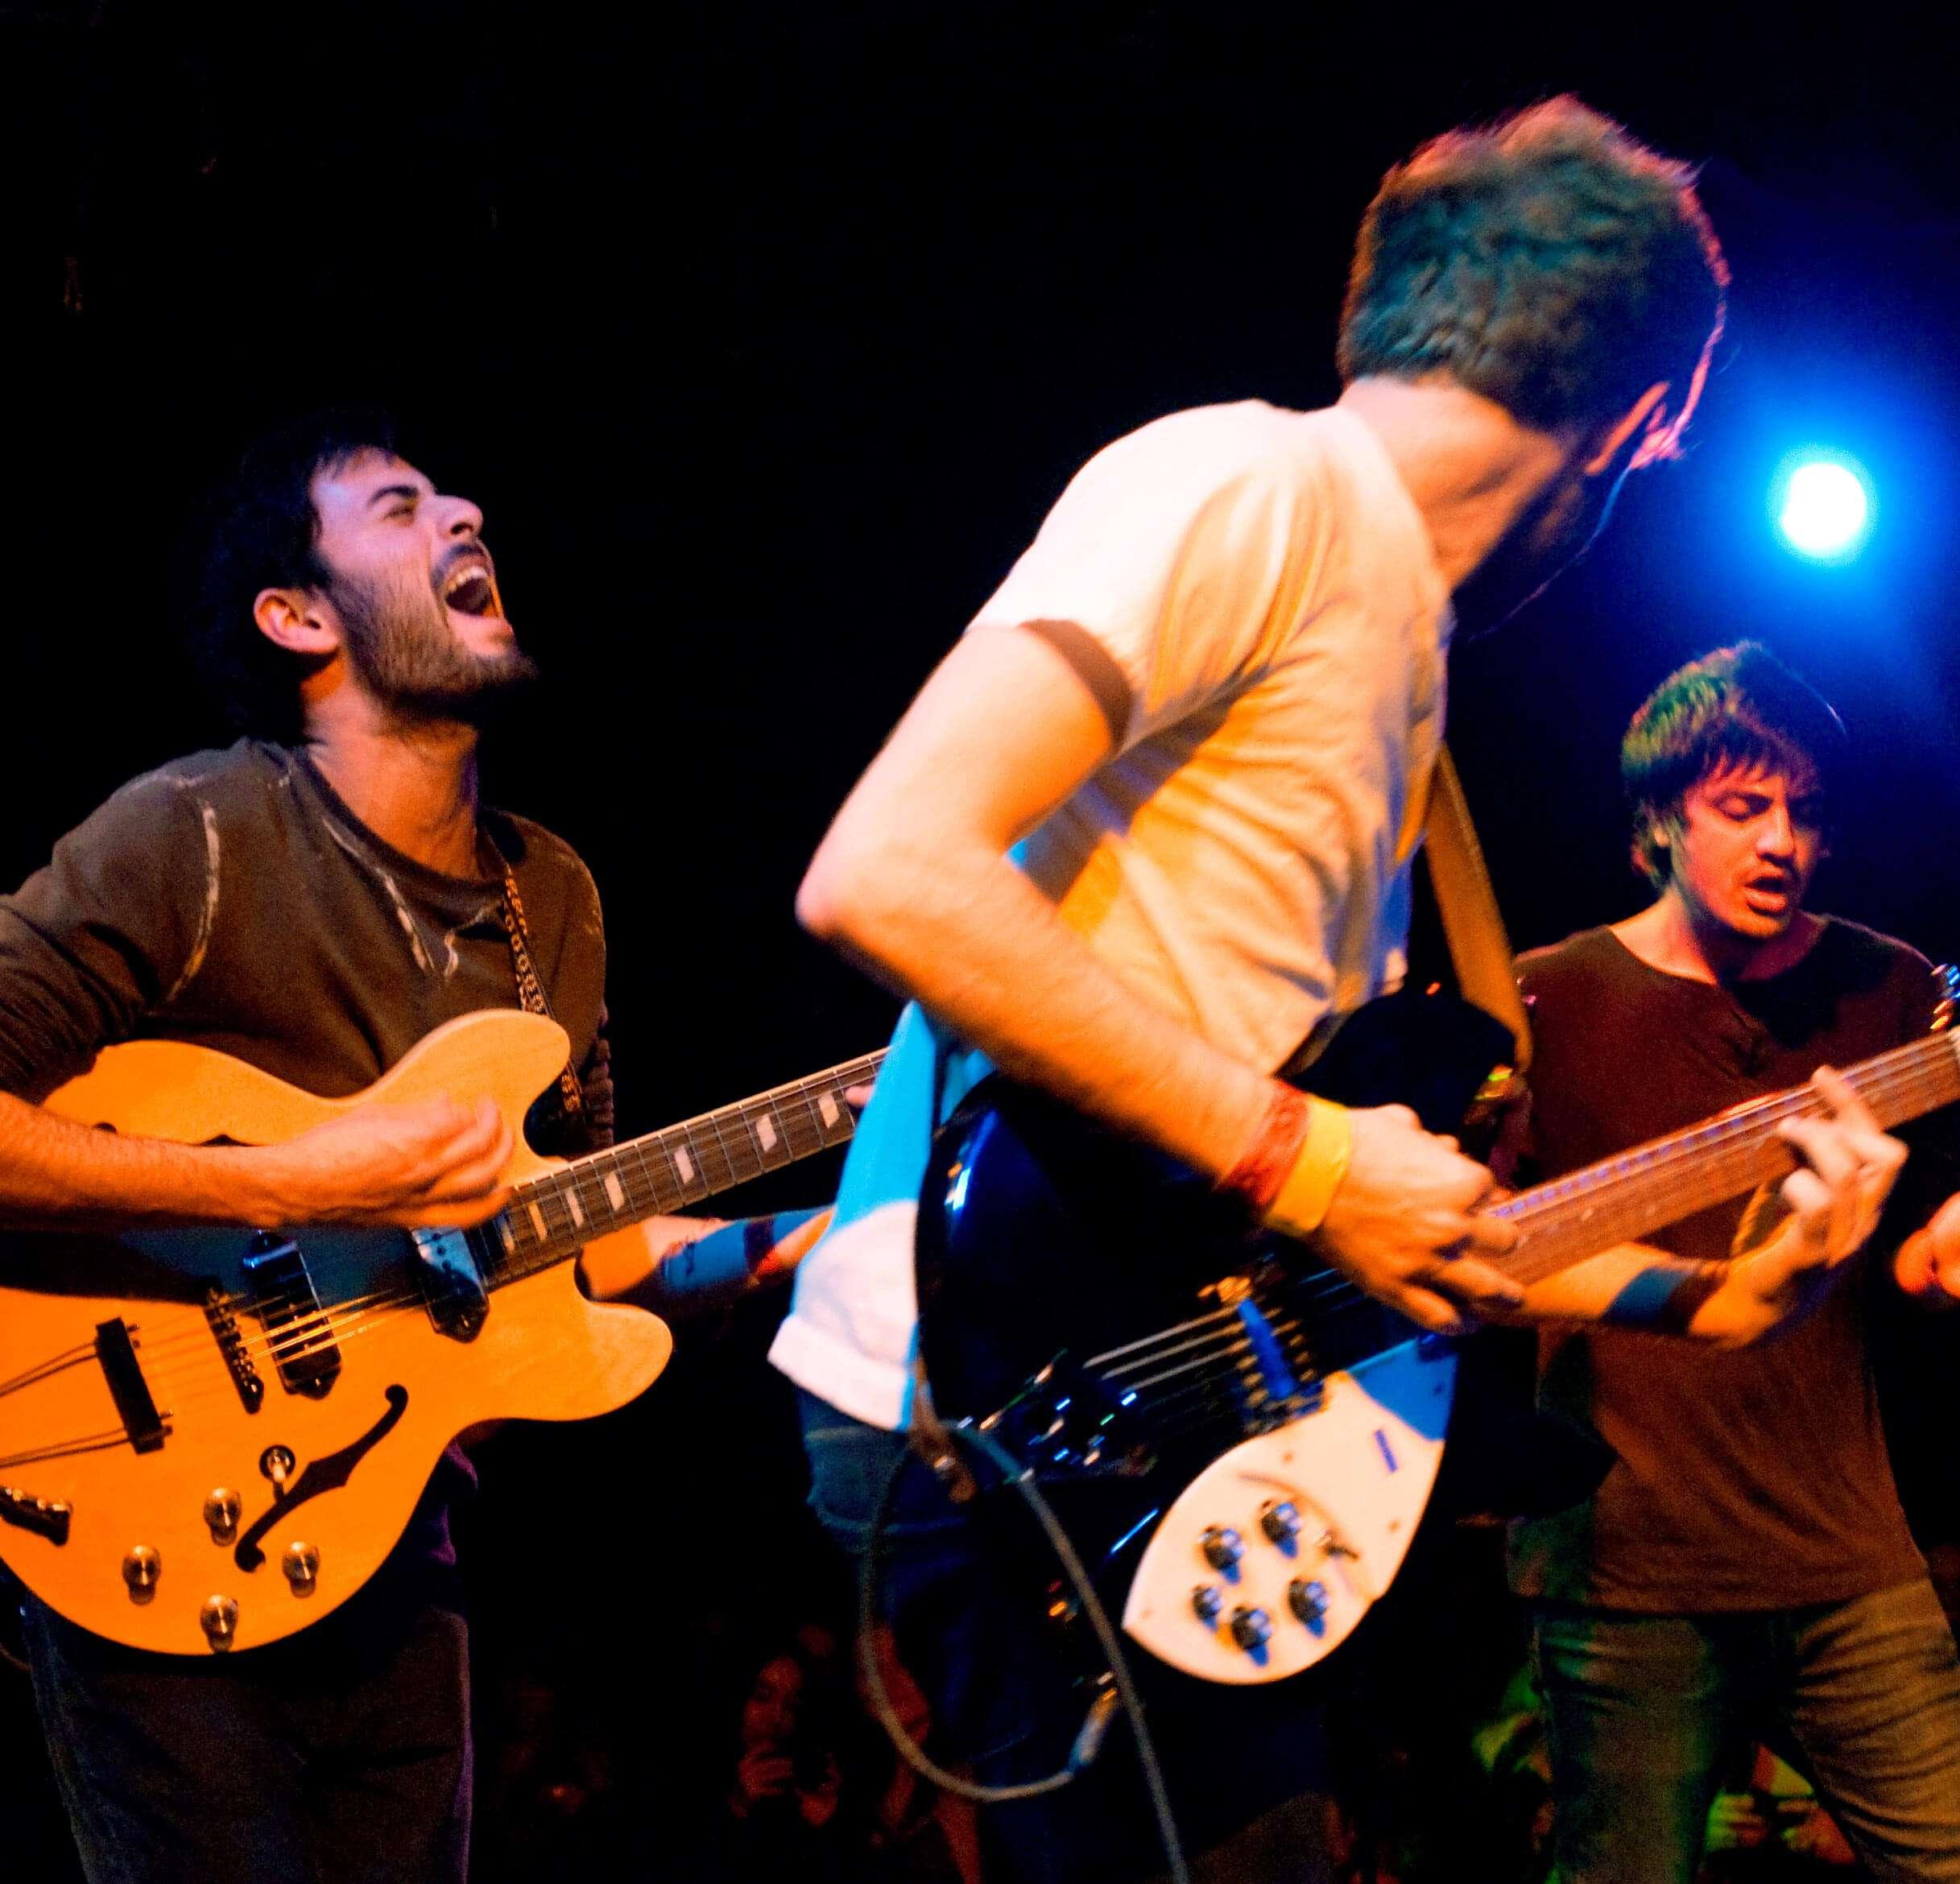 Aula de banda tocar guitarra